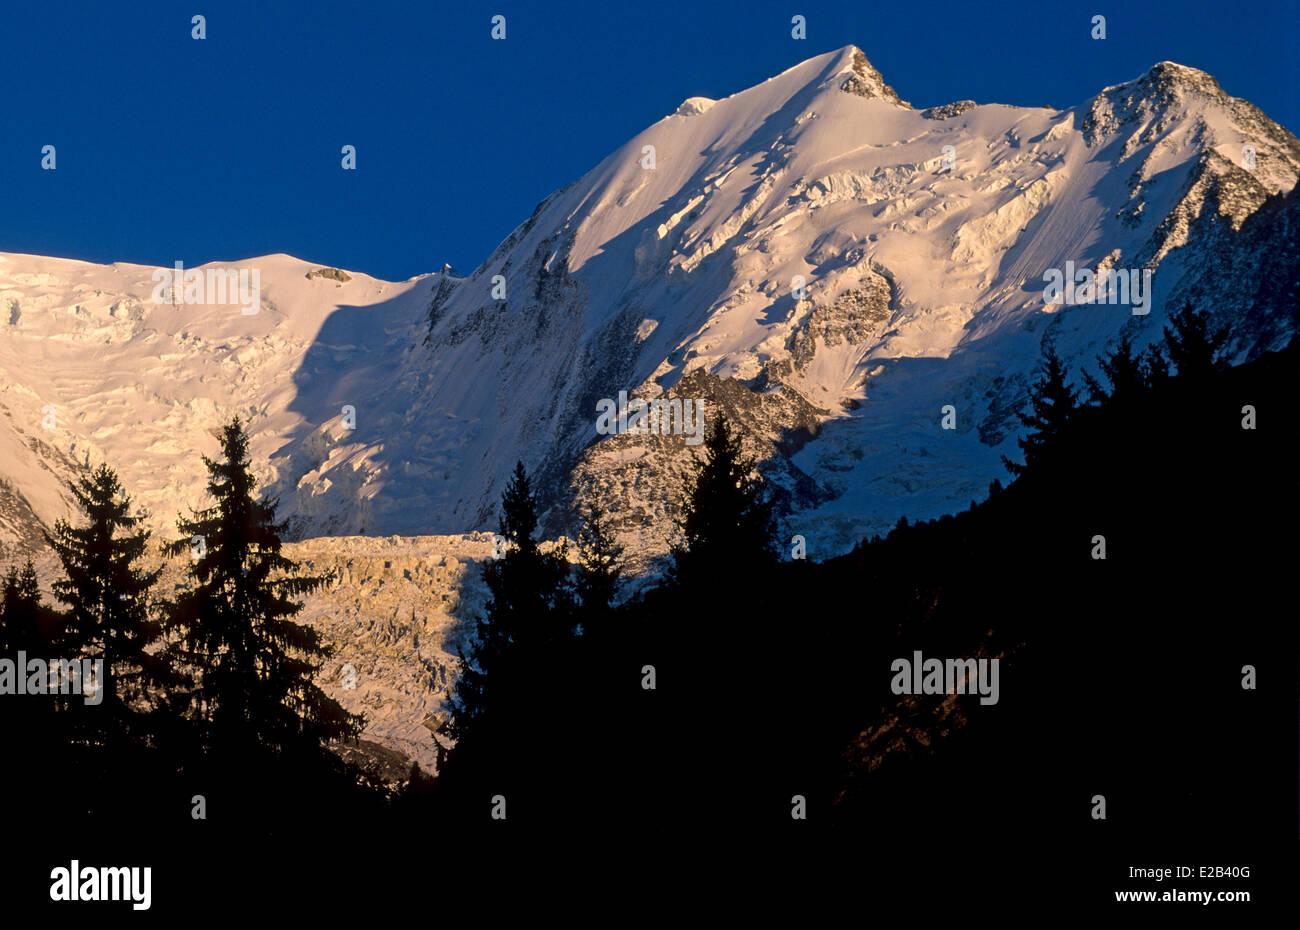 France, Haute Savoie, Mont Blanc Massif, Chamonix, Dome de Miage, Arete de Bionnassay and Aiguille du Gouter - Stock Image